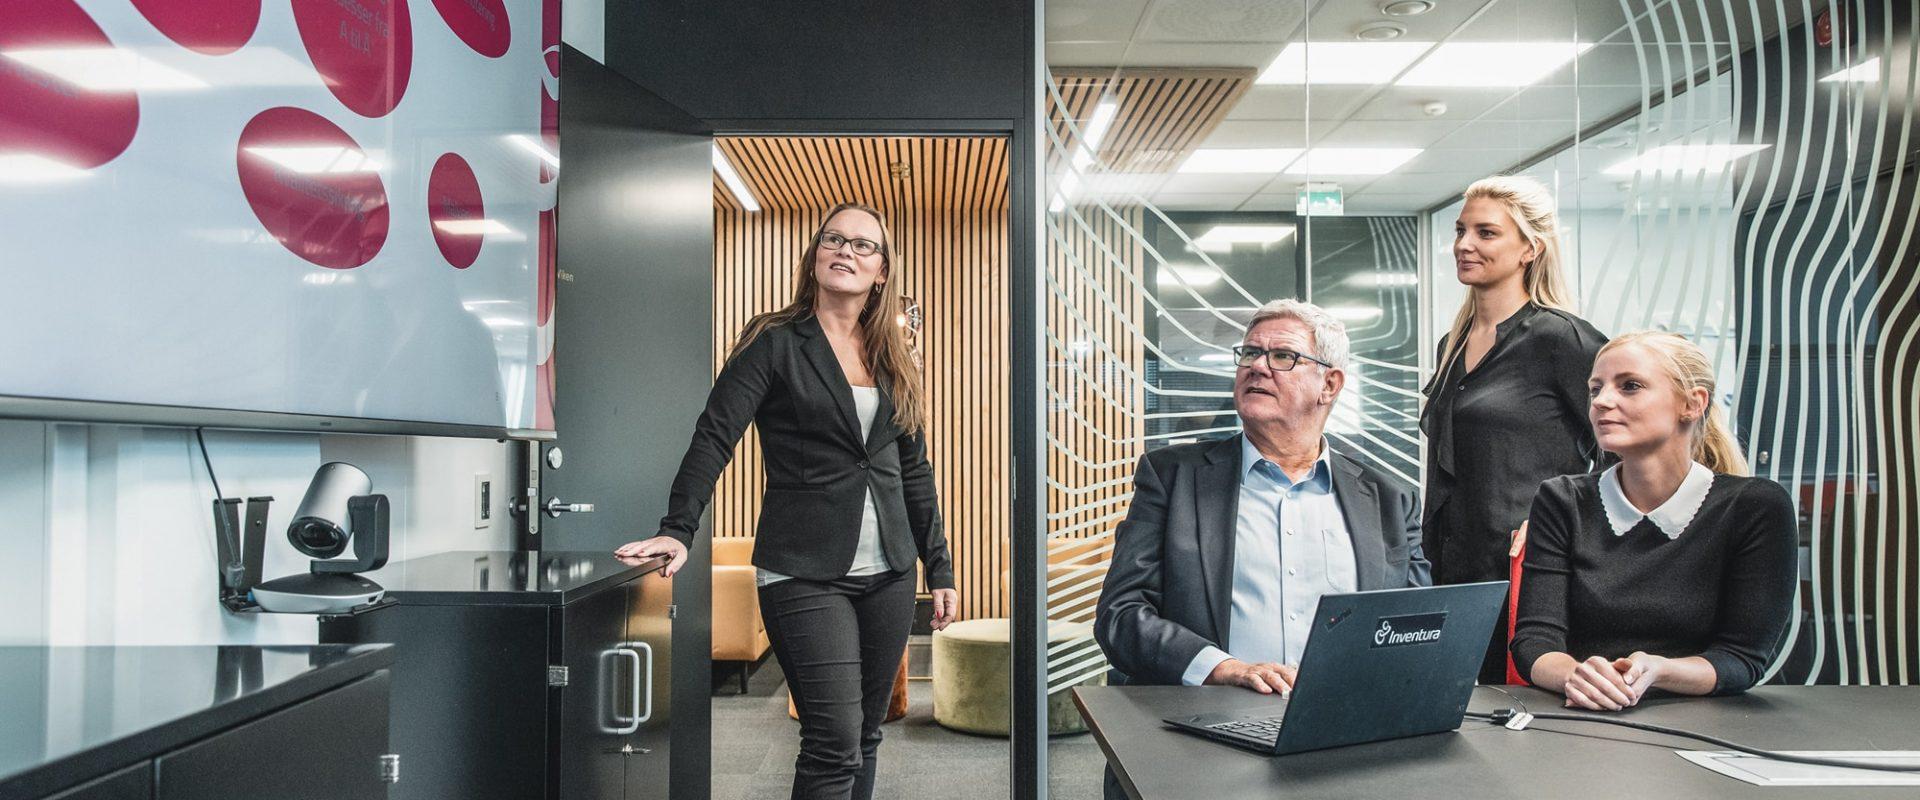 Fire kollegaer står inne på et møterom og ser på en tavle med leverandørporteføljen. Leverandøranalyse er viktig for å ha en god leverandørportefølge.